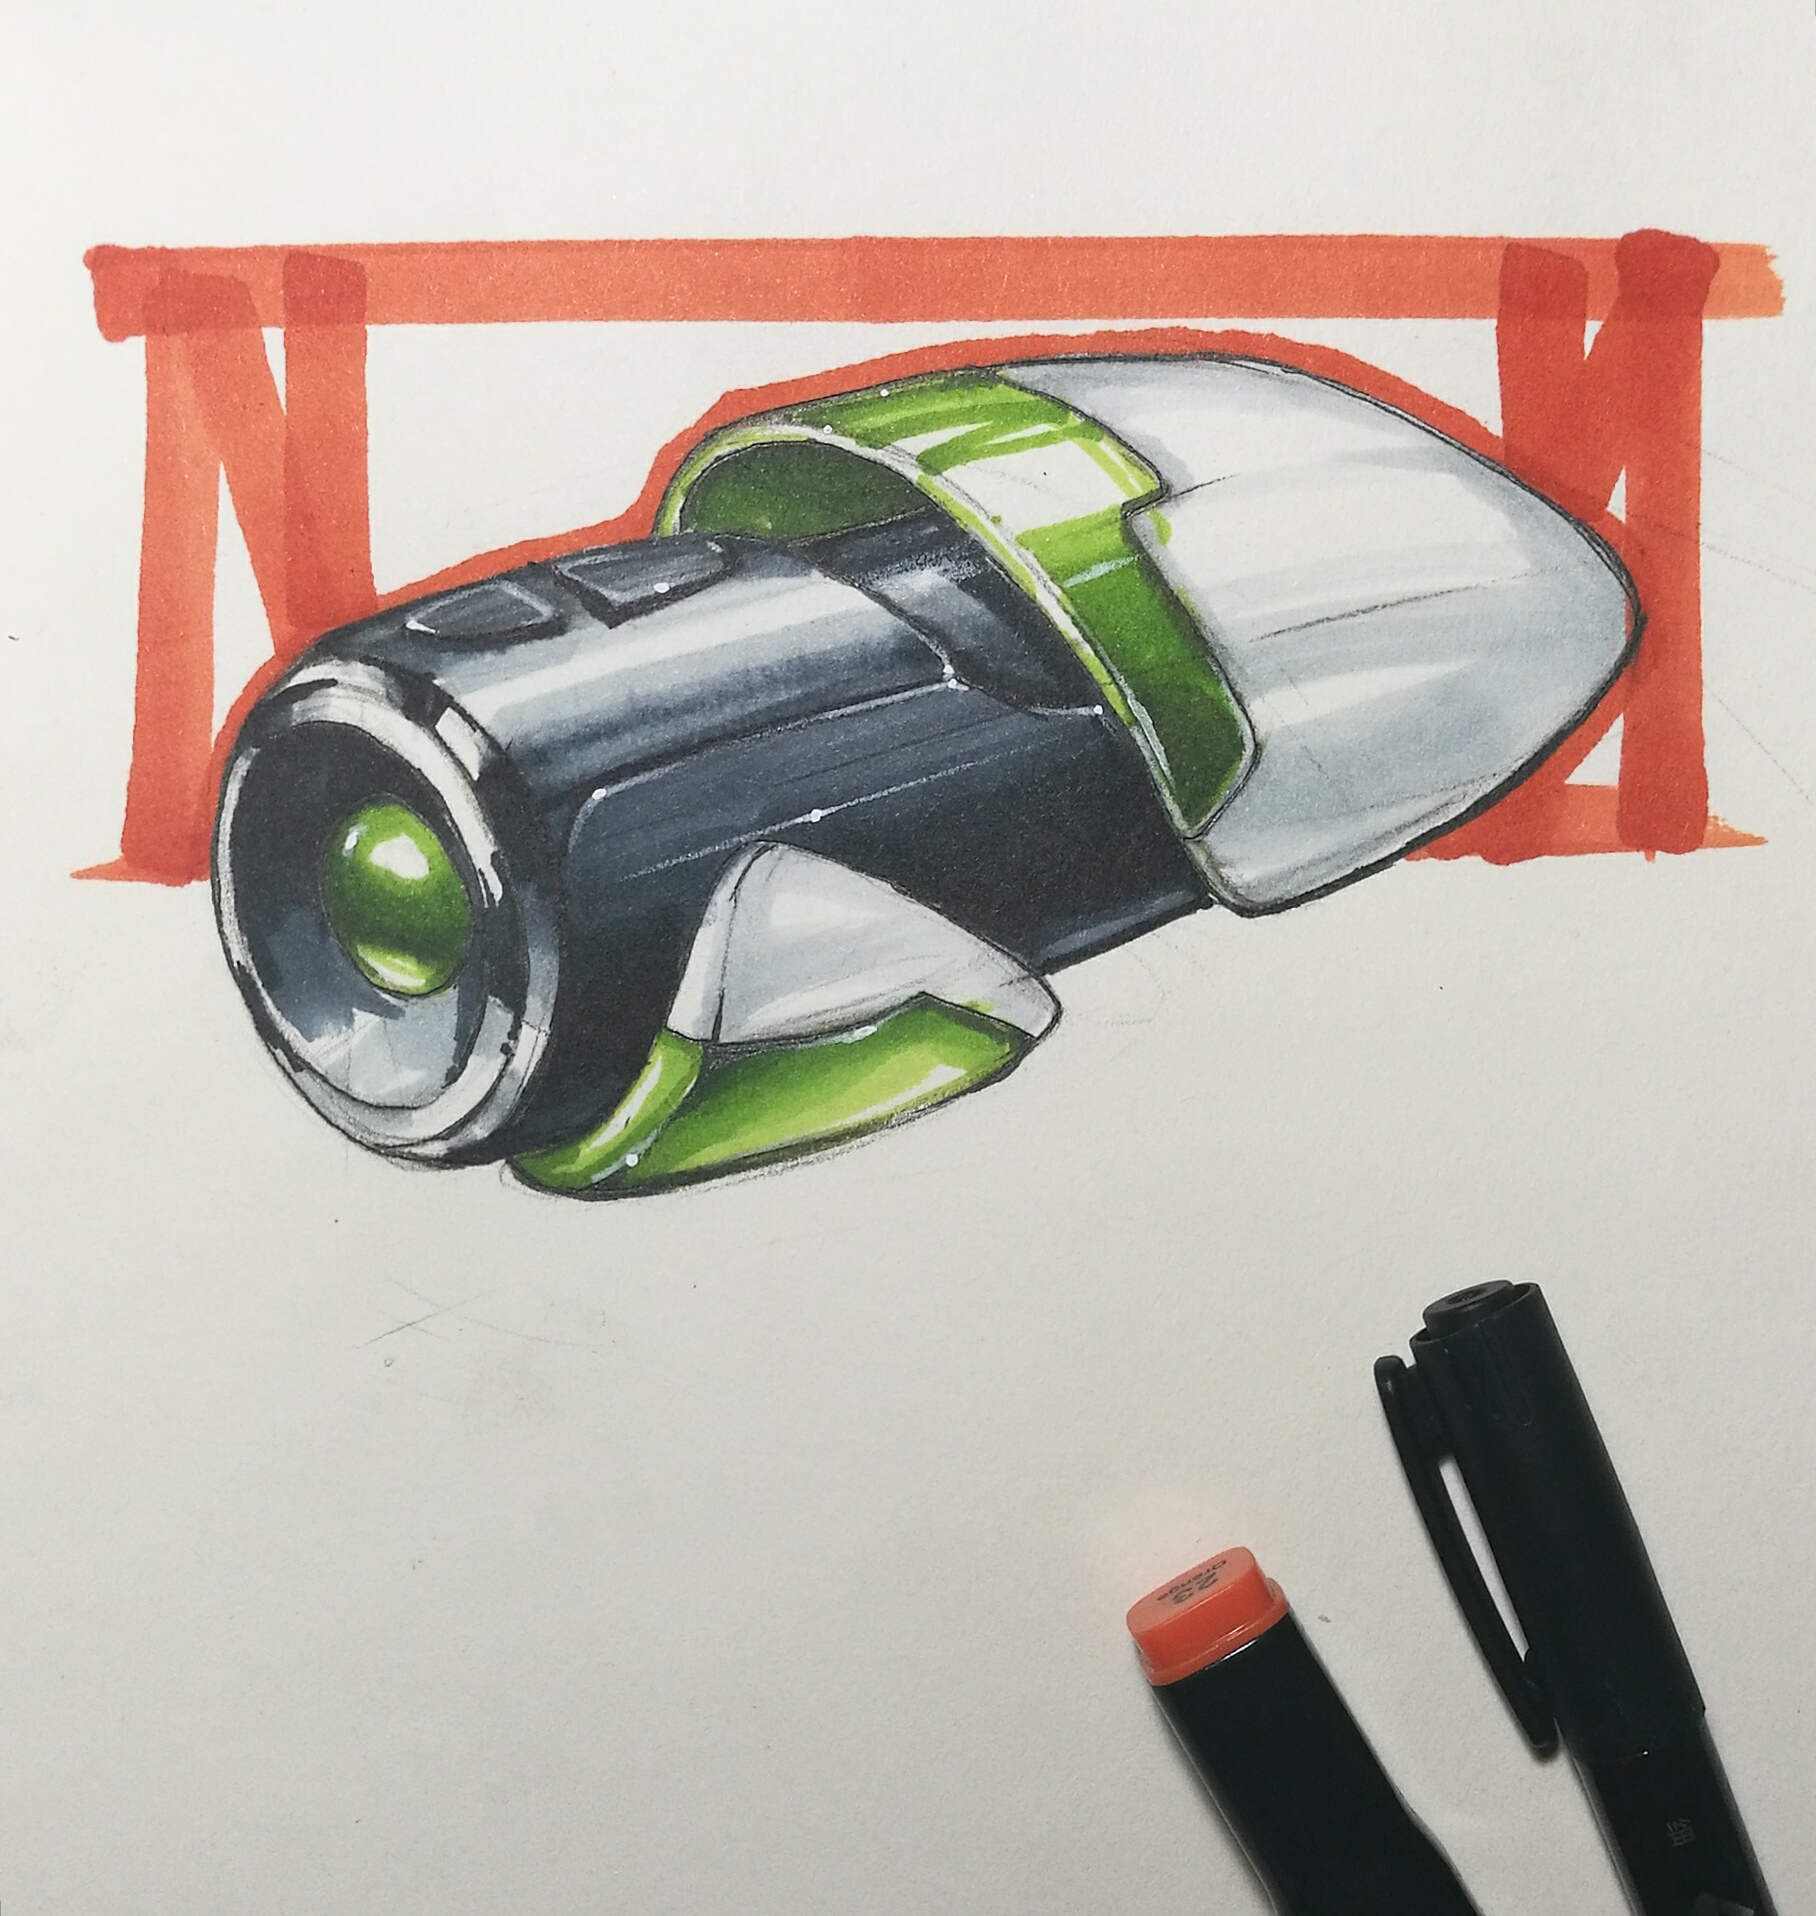 工业设计马克笔手绘 不定期更新